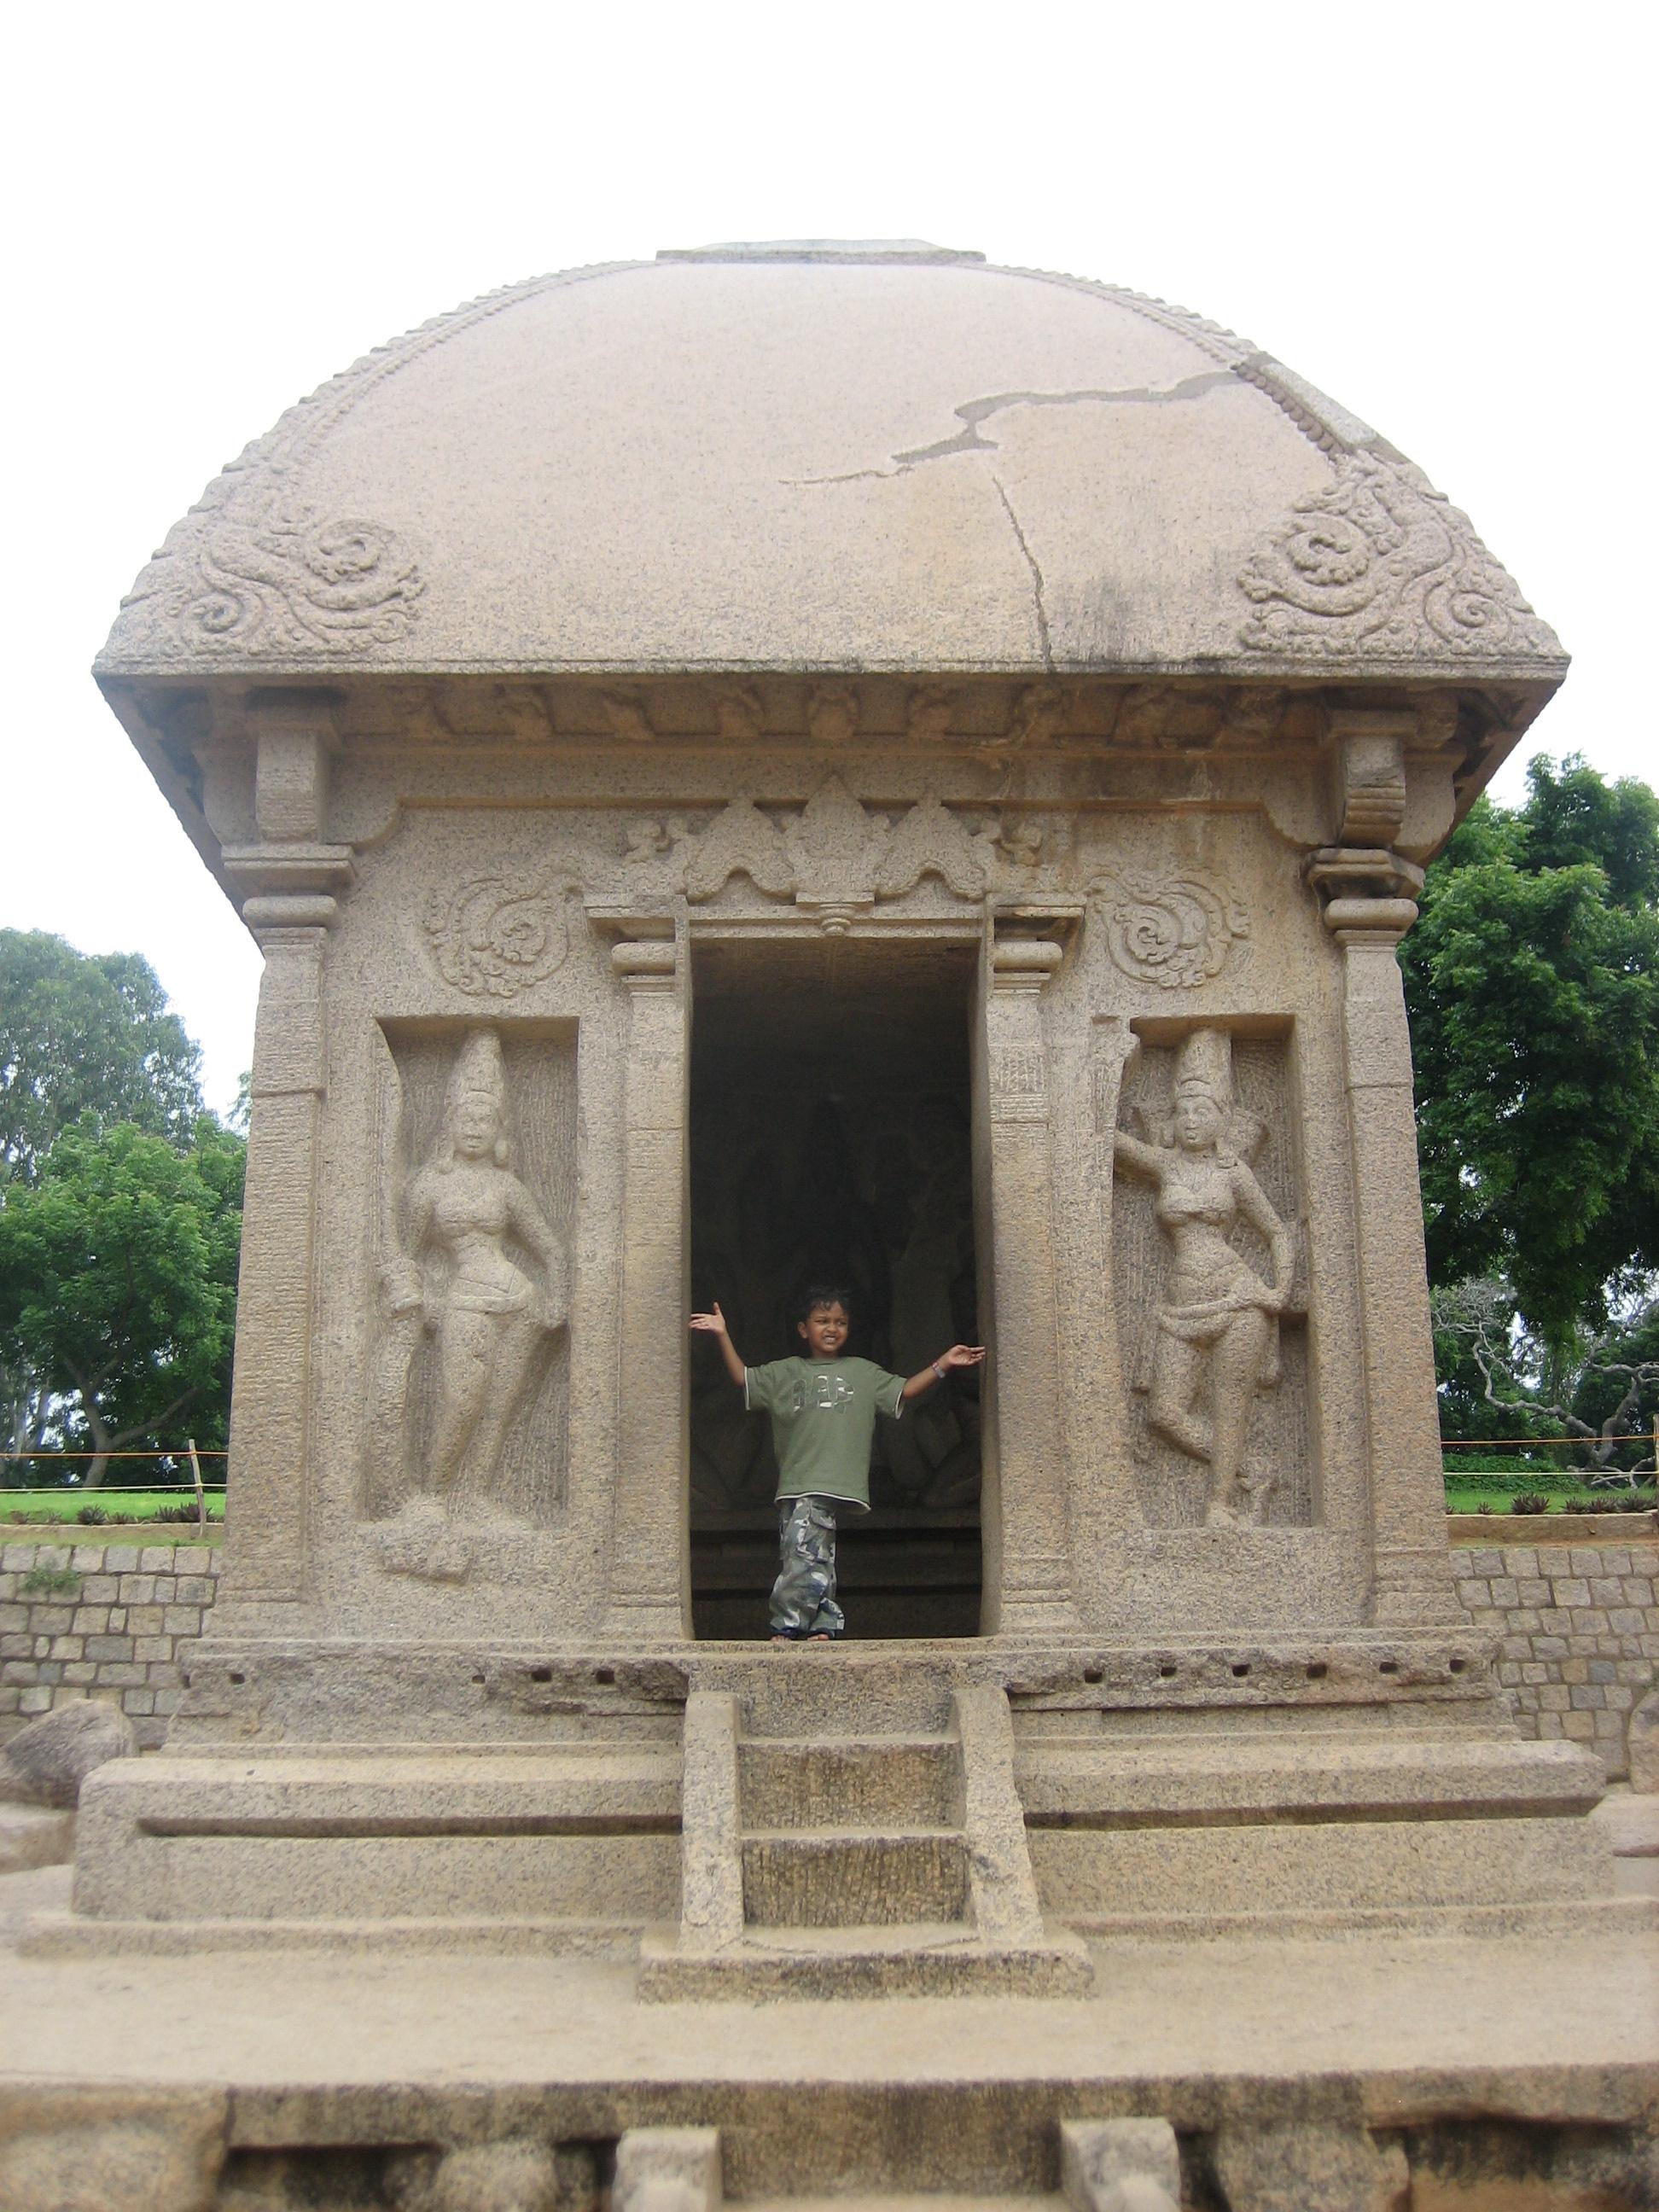 Chennai to Mahabalipuram Day Trip #Mahabalipuram